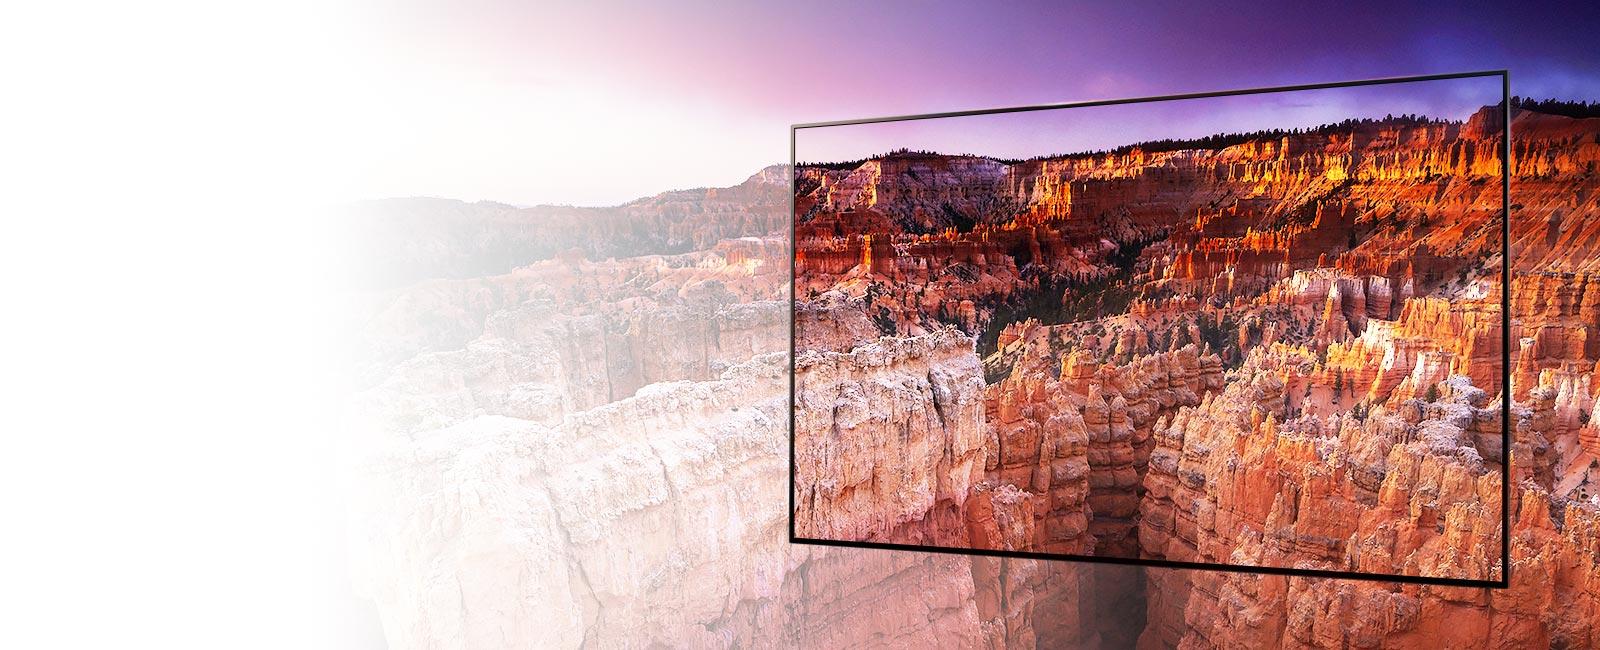 Obraz zachycující scenérii národního parku Bryce Canyon